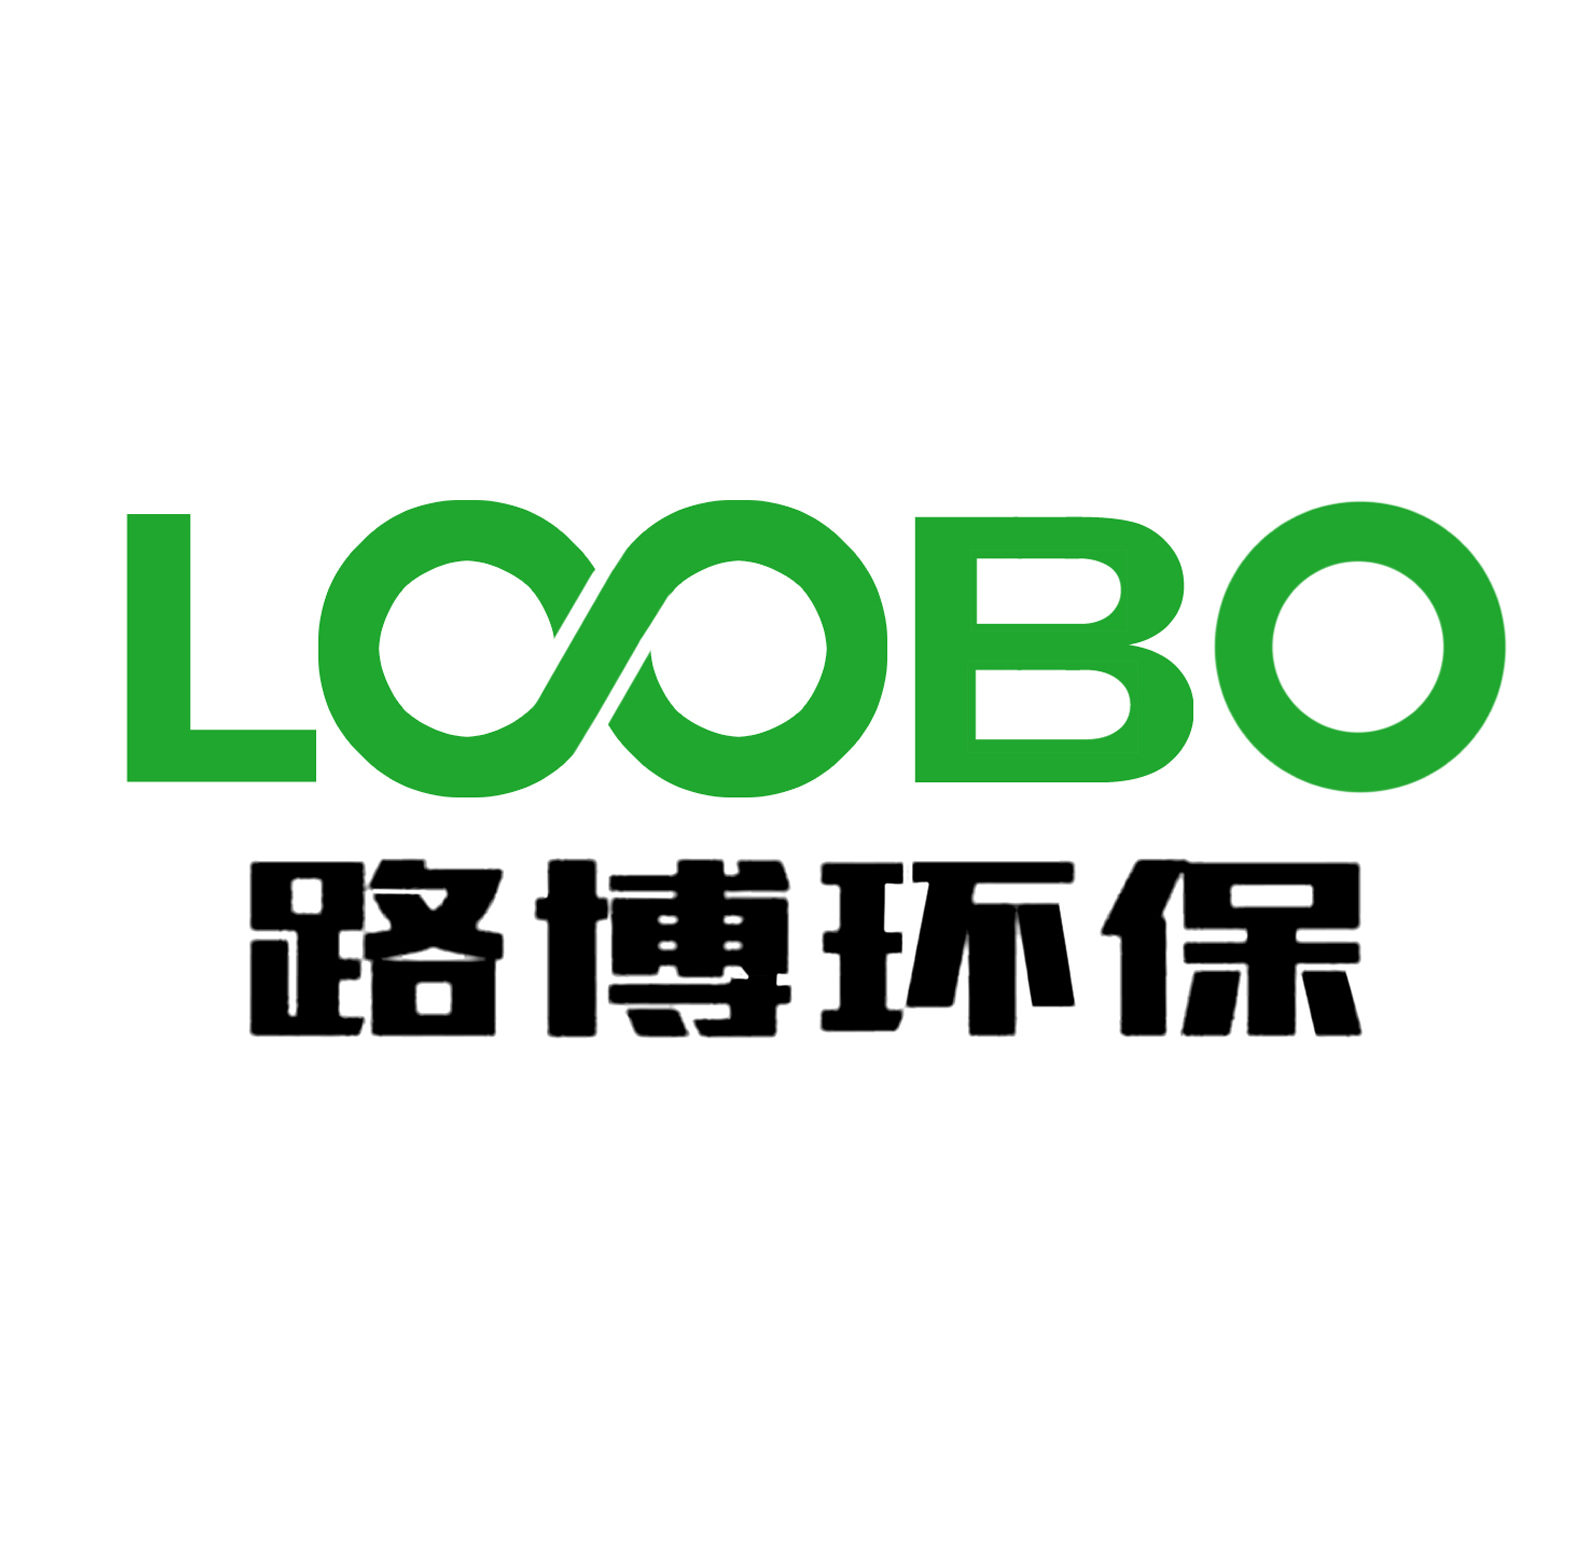 廣西路博環保科技有限公司